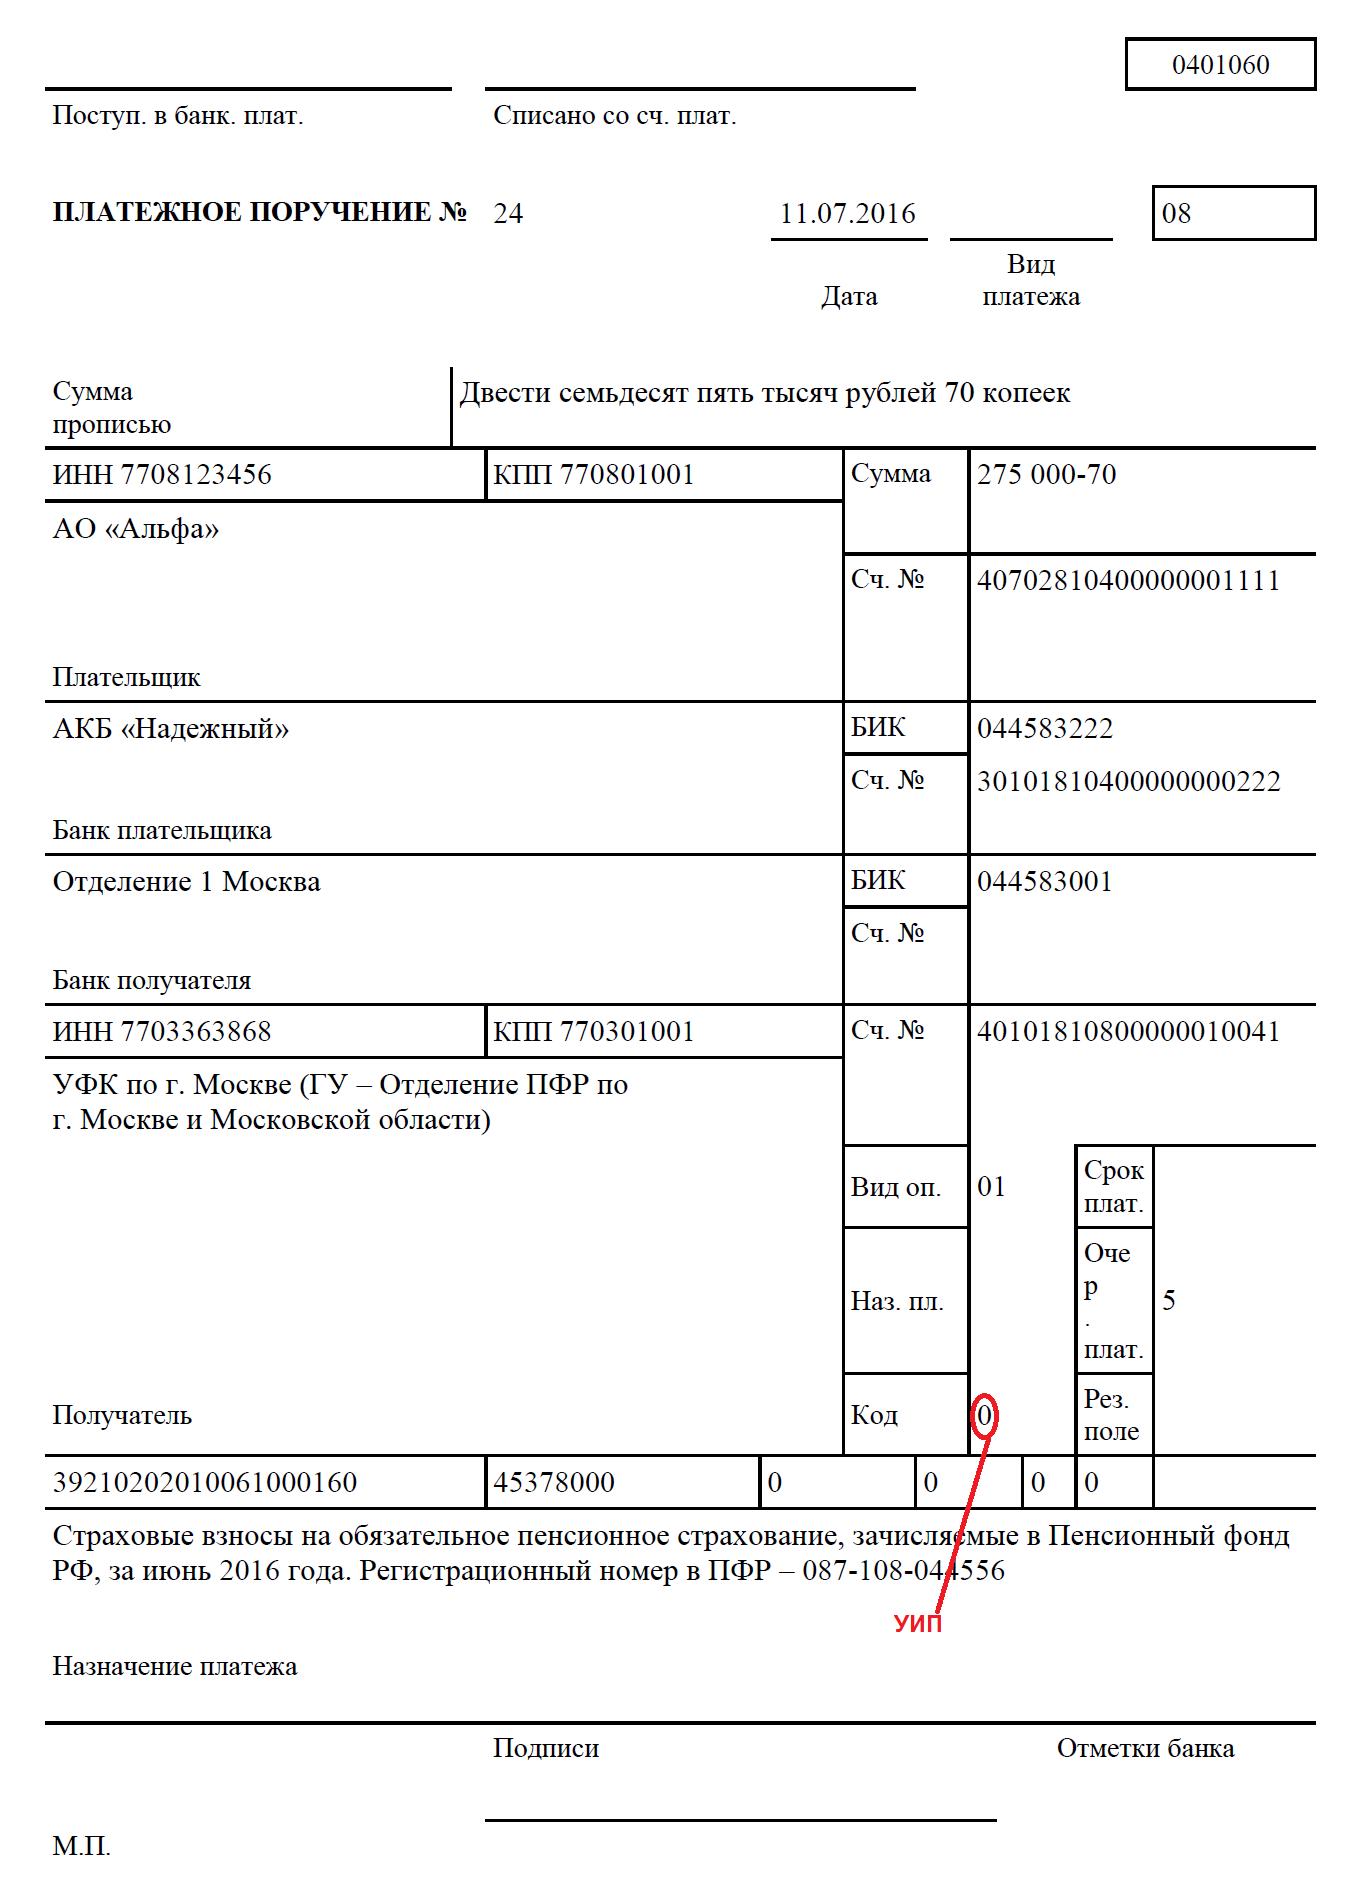 Уип - что это такое в платежном поручении | fit-book.ru